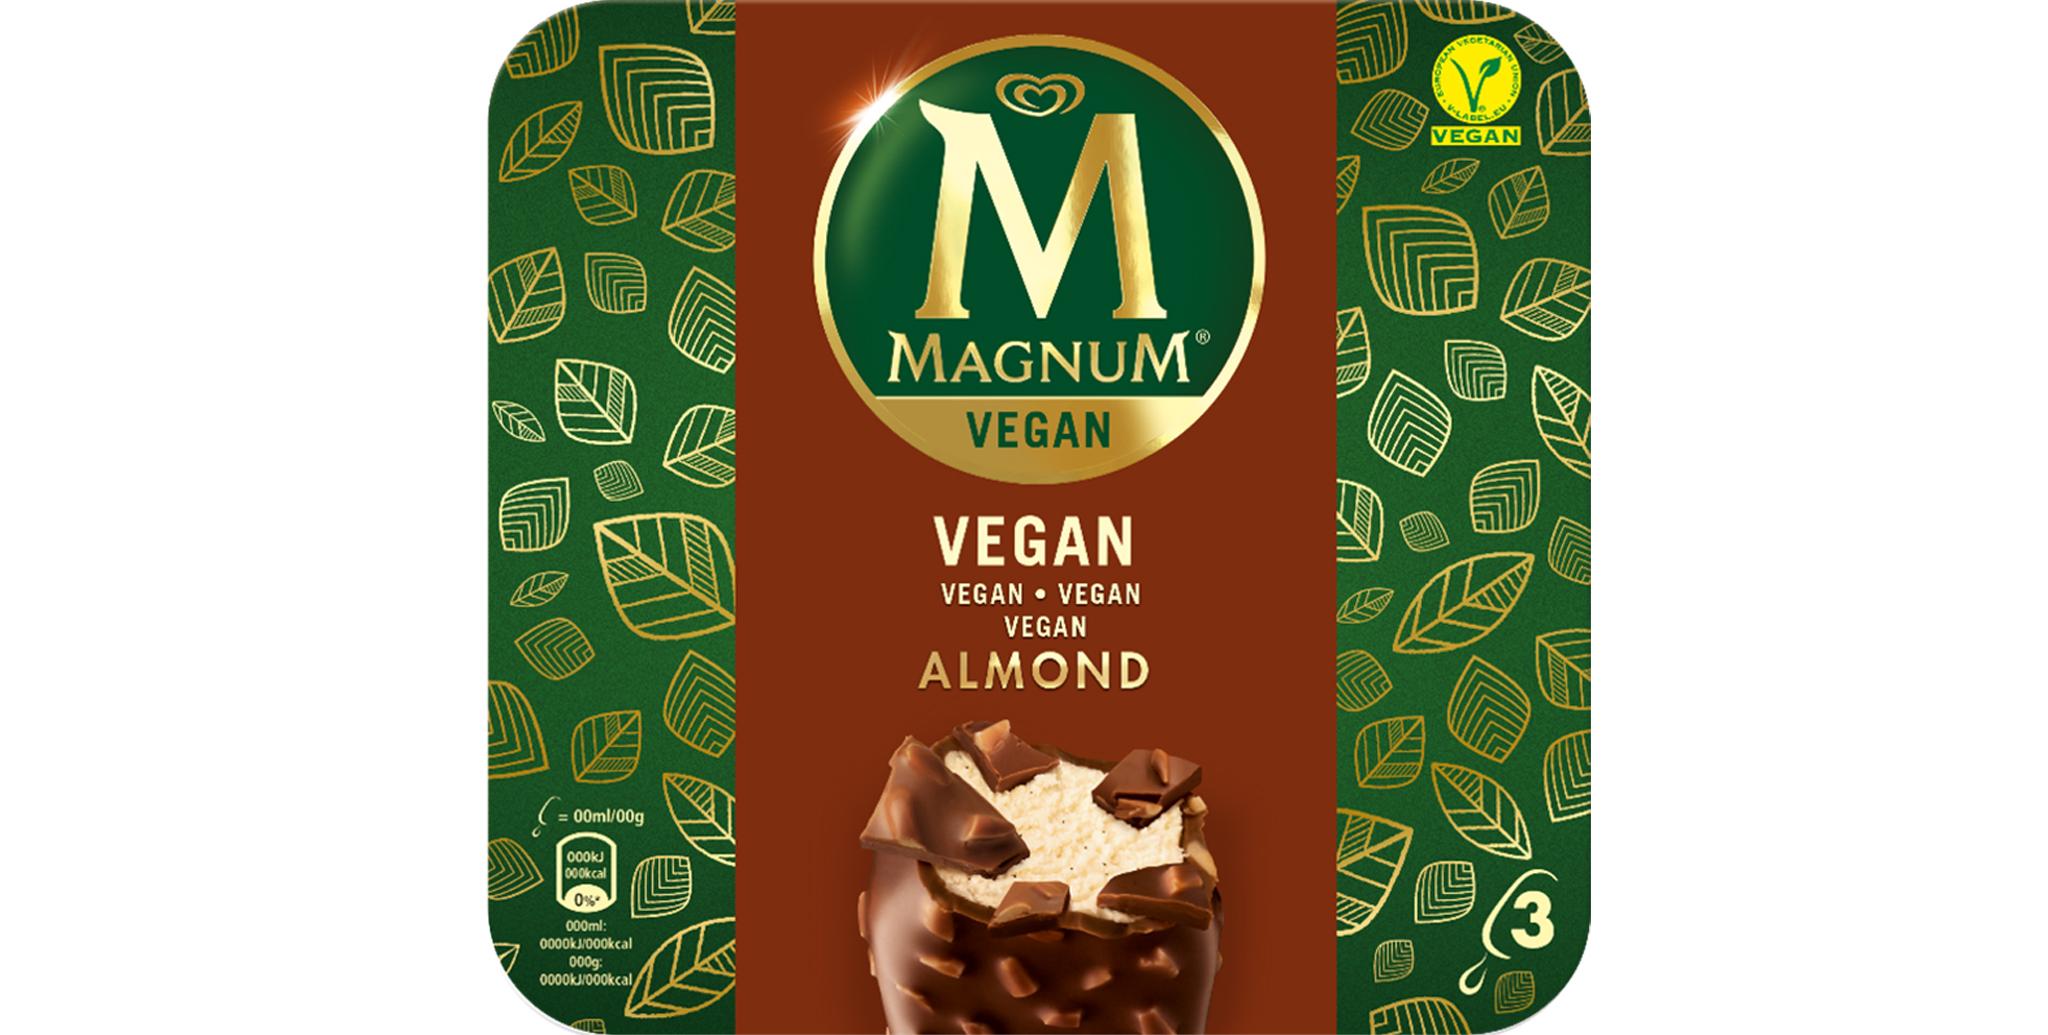 O primeiro Magnum vegan à venda em Portugal!